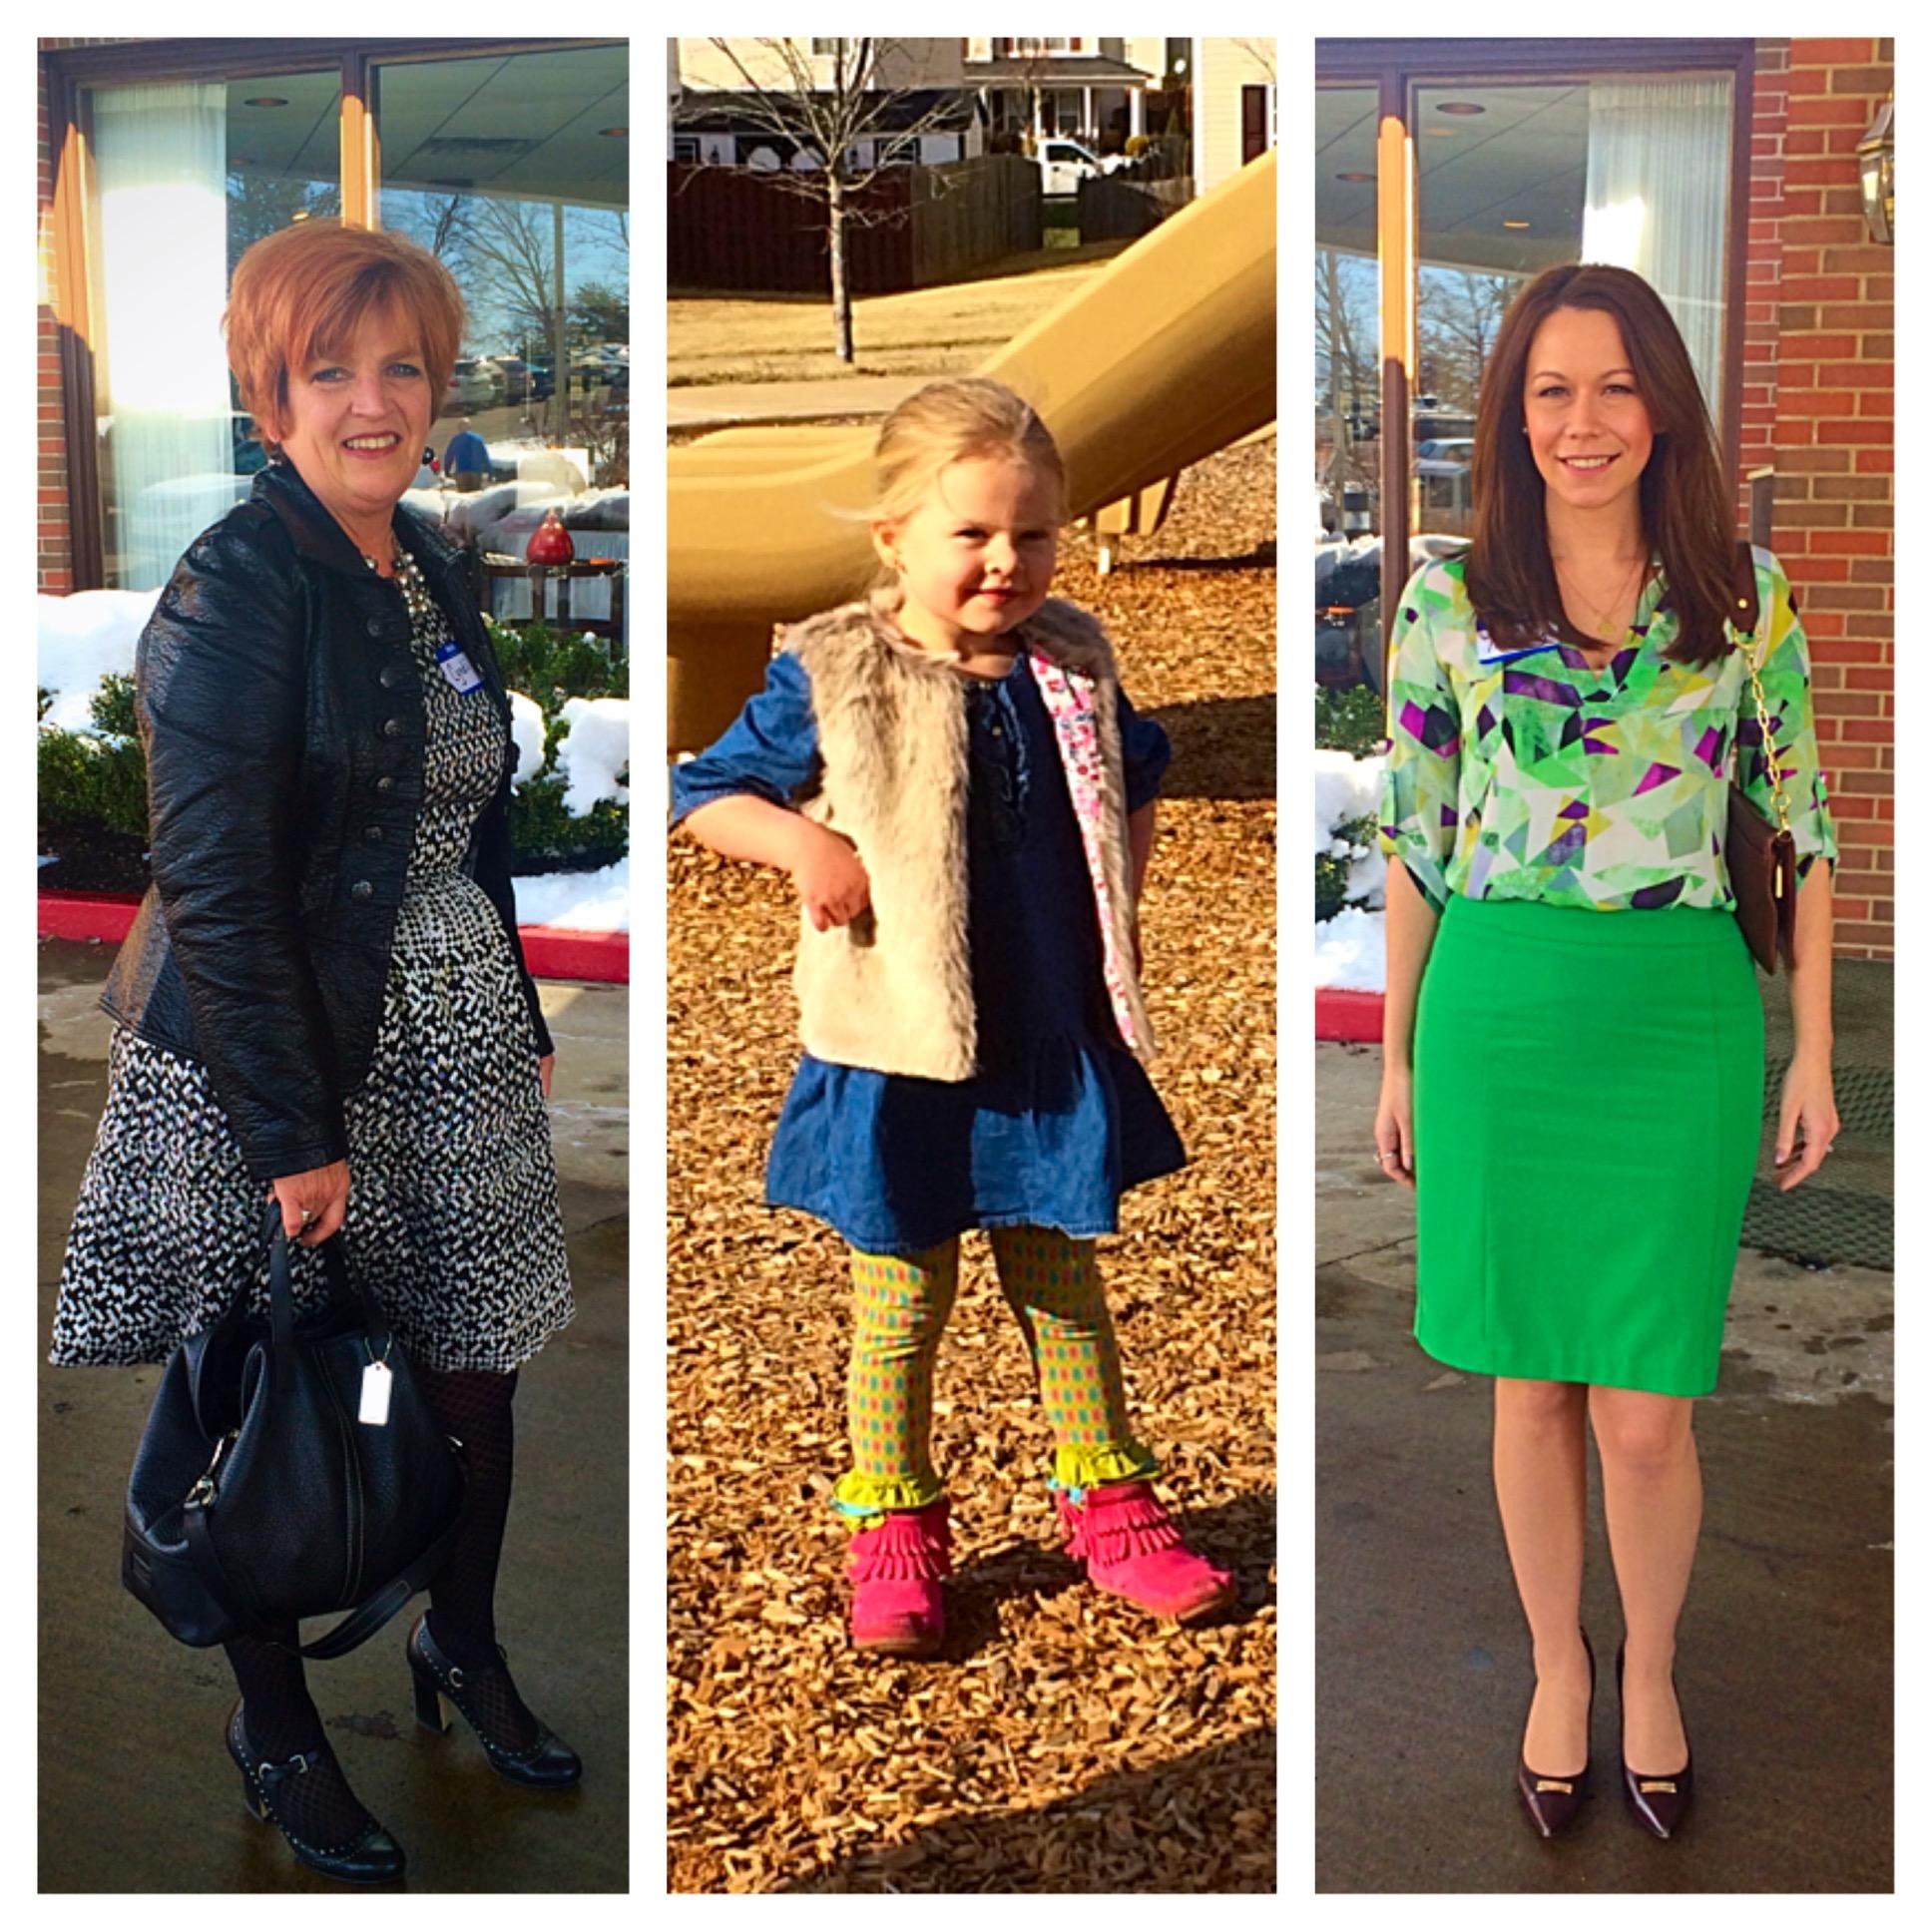 Huntington: Everyone Has Style